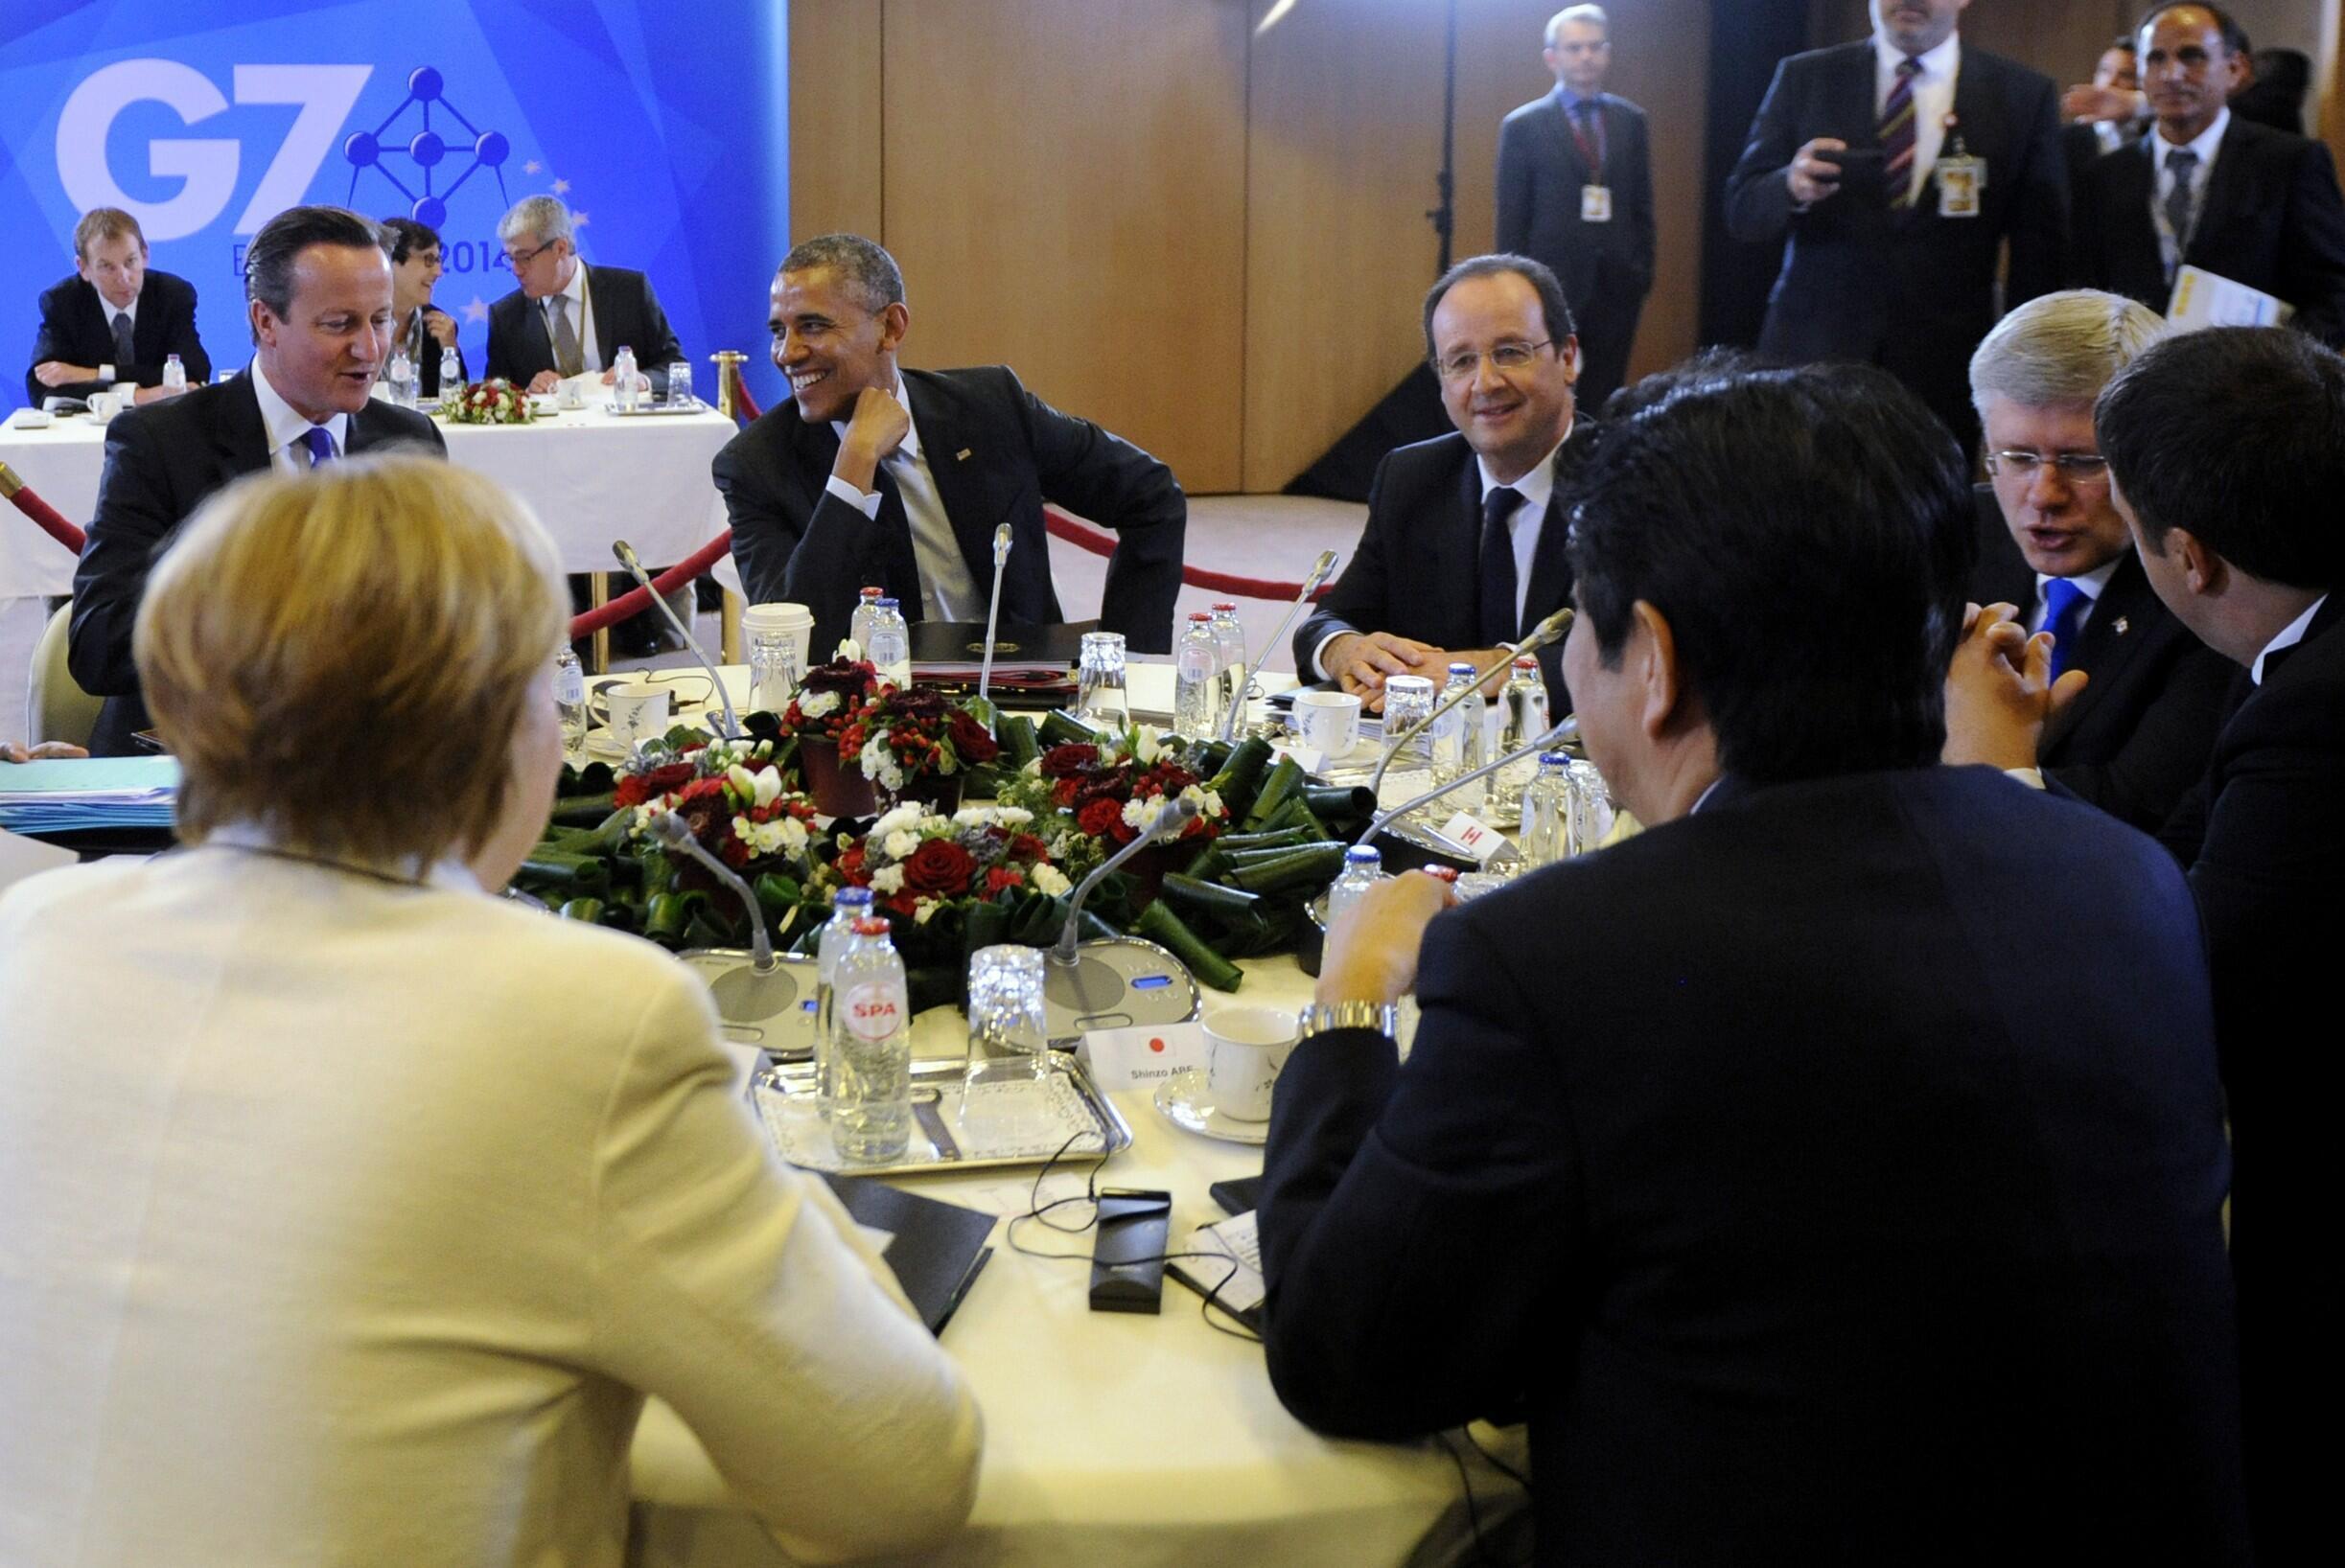 Lãnh đạo nhóm G7 họp tại Bruxelles : Nga lại là tâm điểm các cuộc thảo luận - REUTERS /Laurent Dubrule